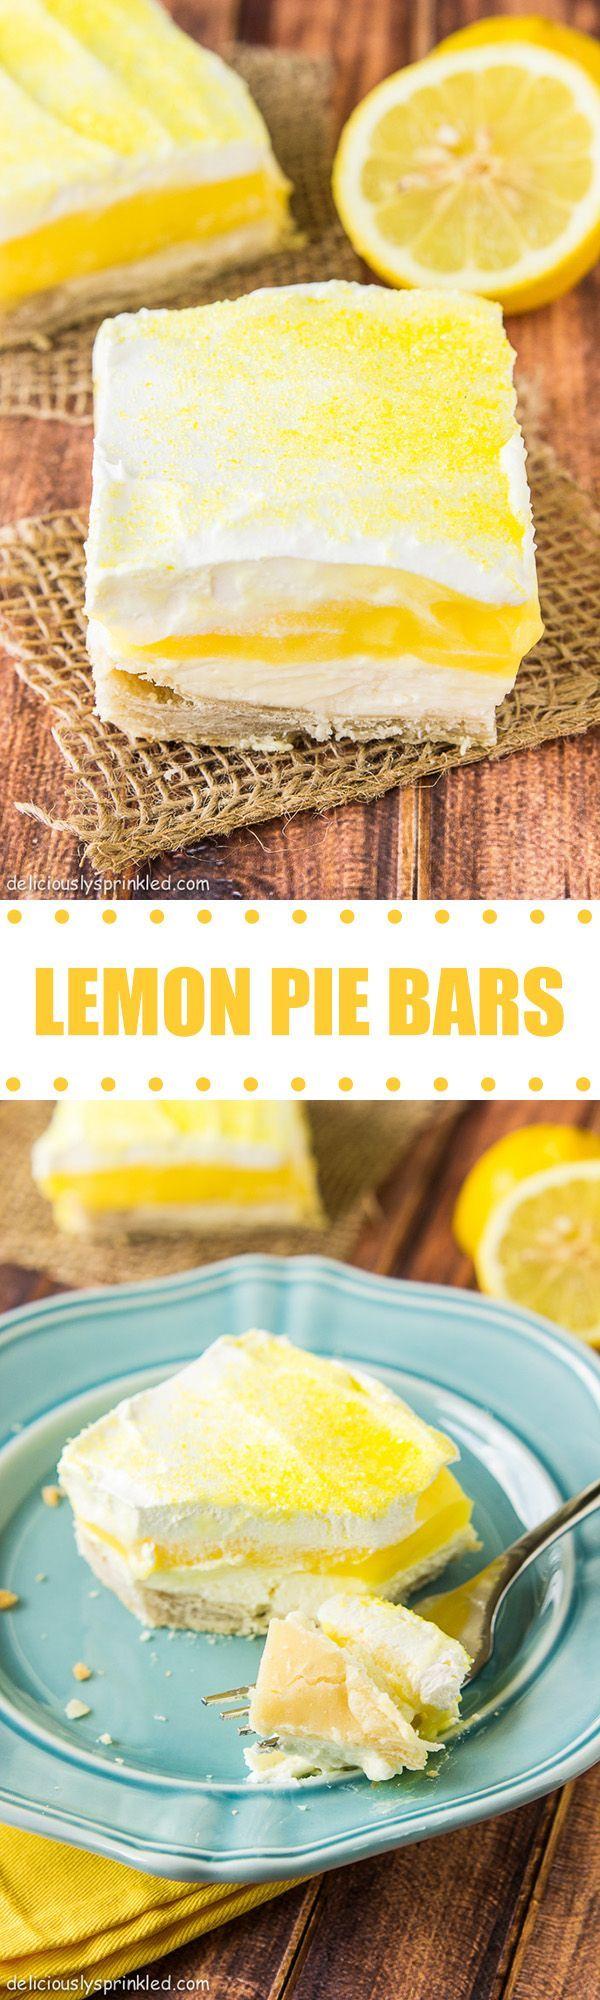 The BEST Lemon Pie Bars EVER!  Leuk als voorbeeld hoe je t kan opmaken!